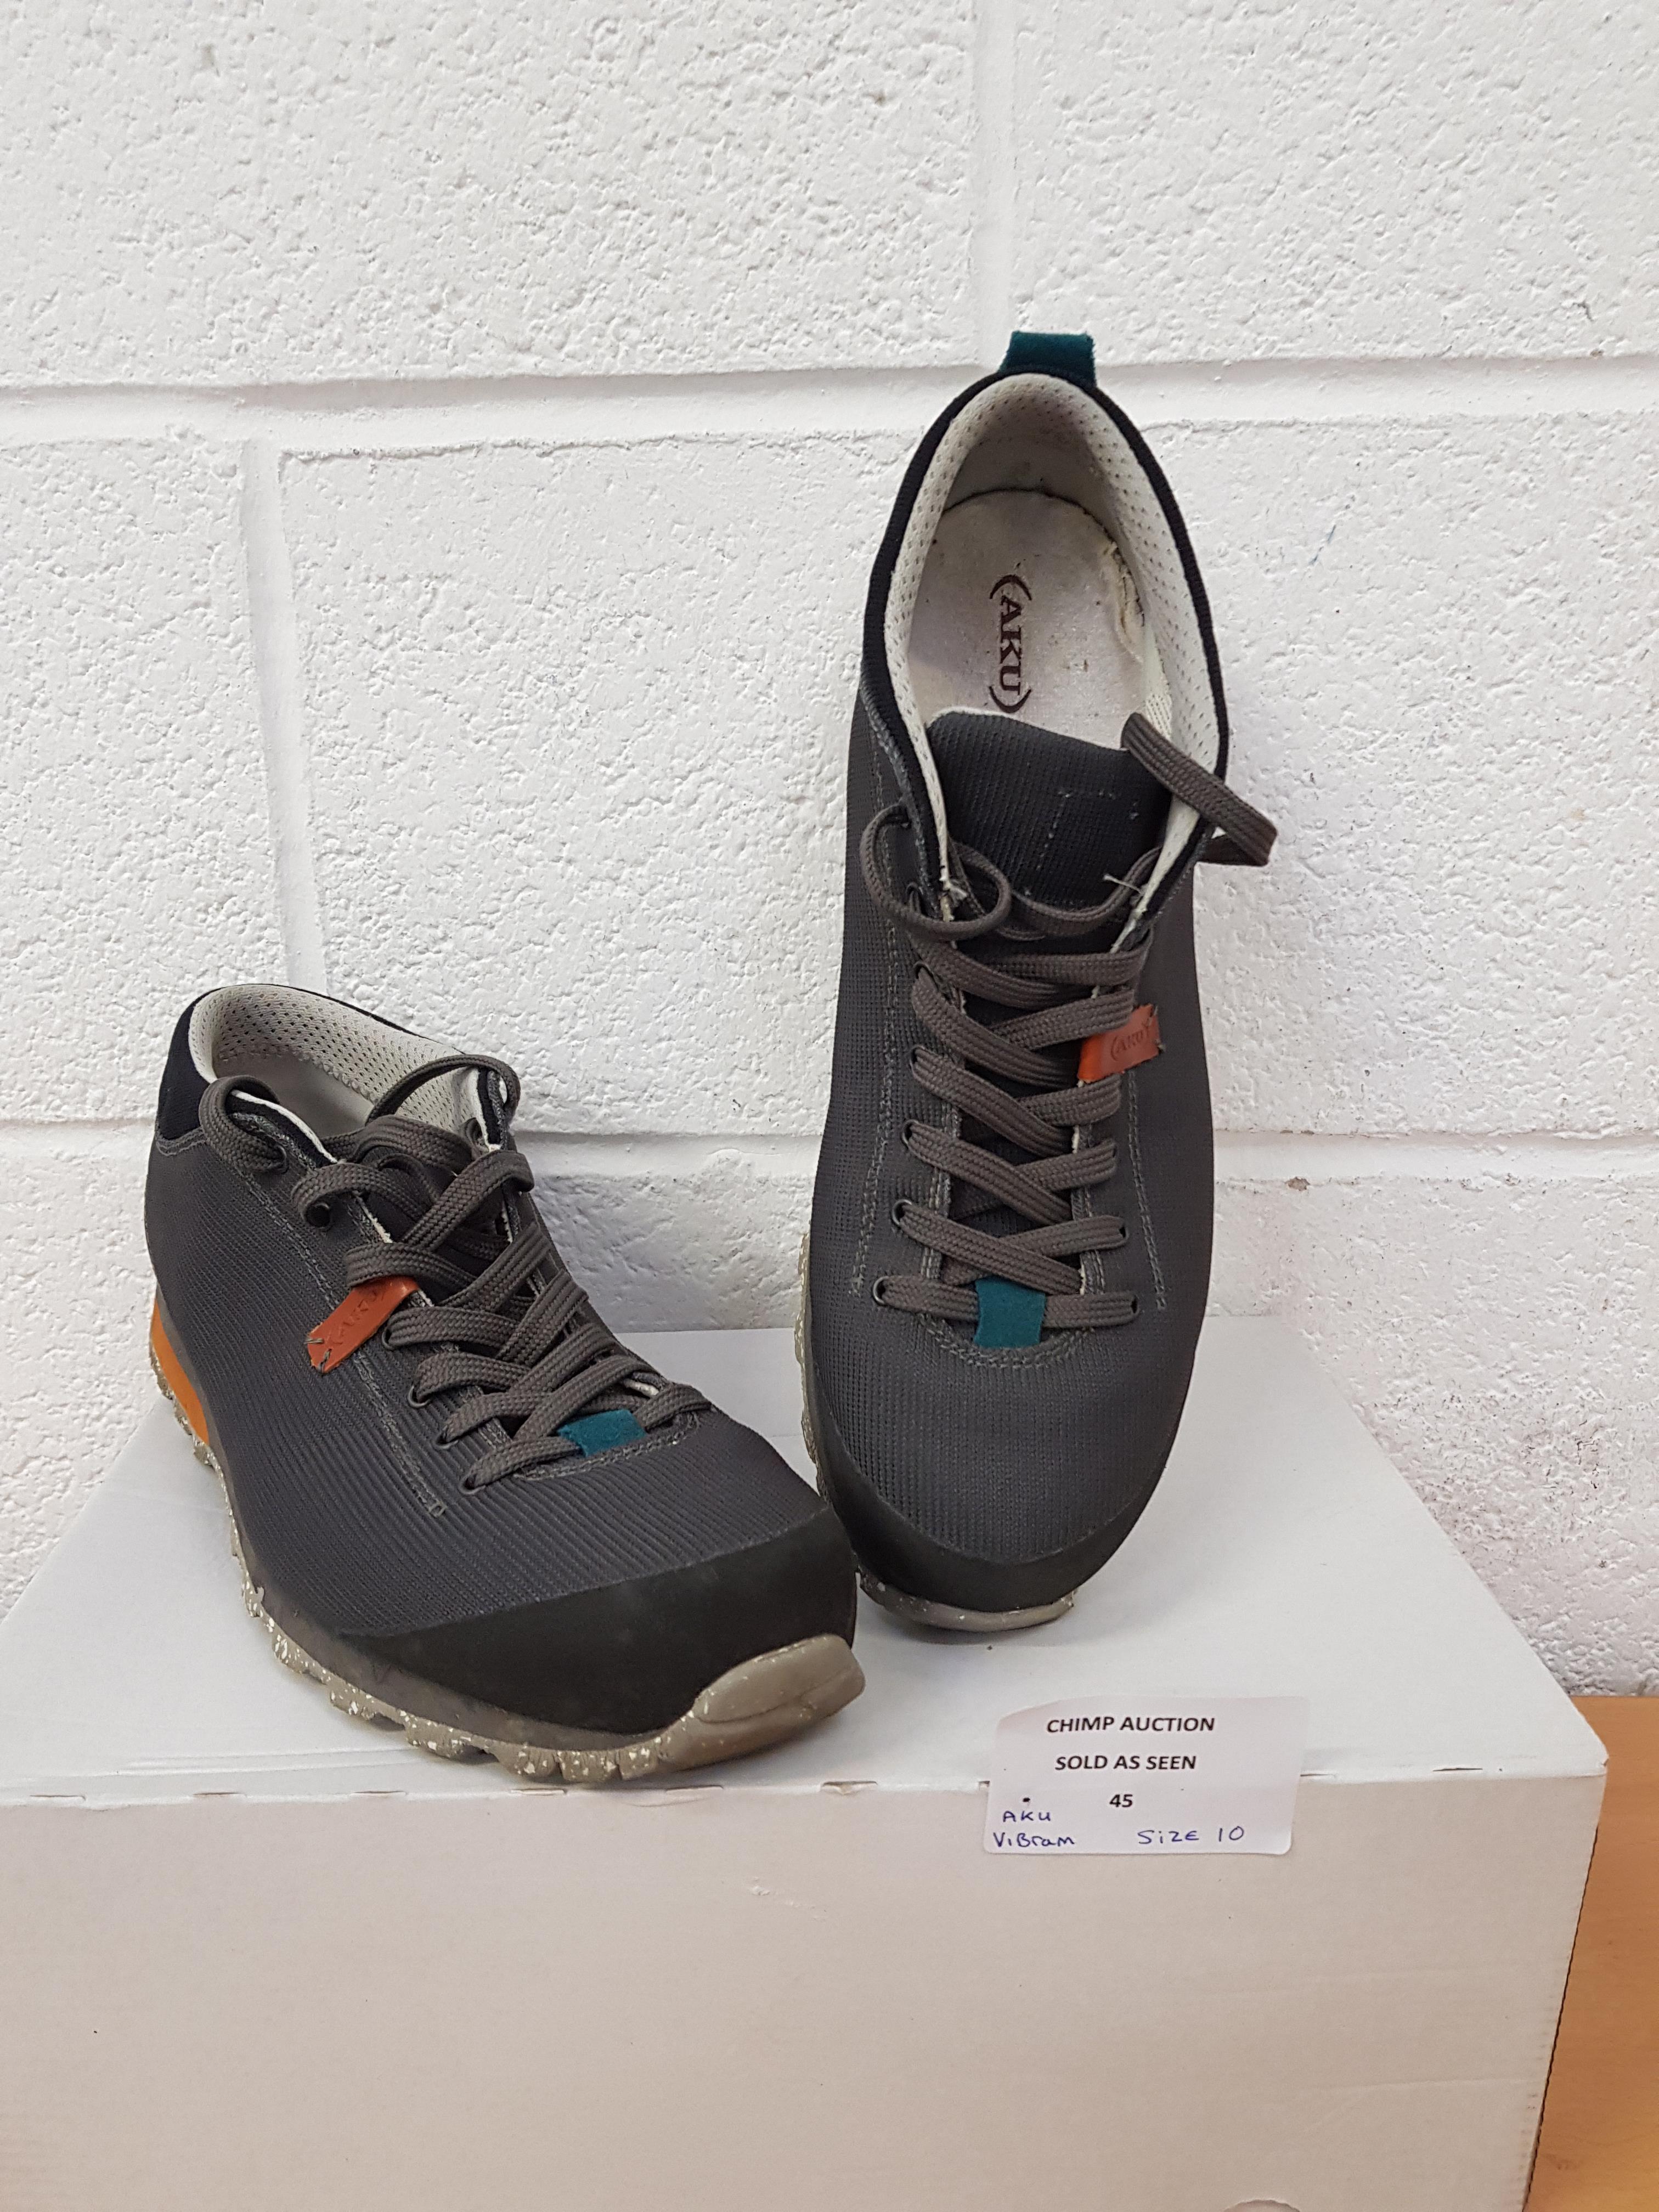 Lot 45 - Aku Vibram men;s shoes UK 10